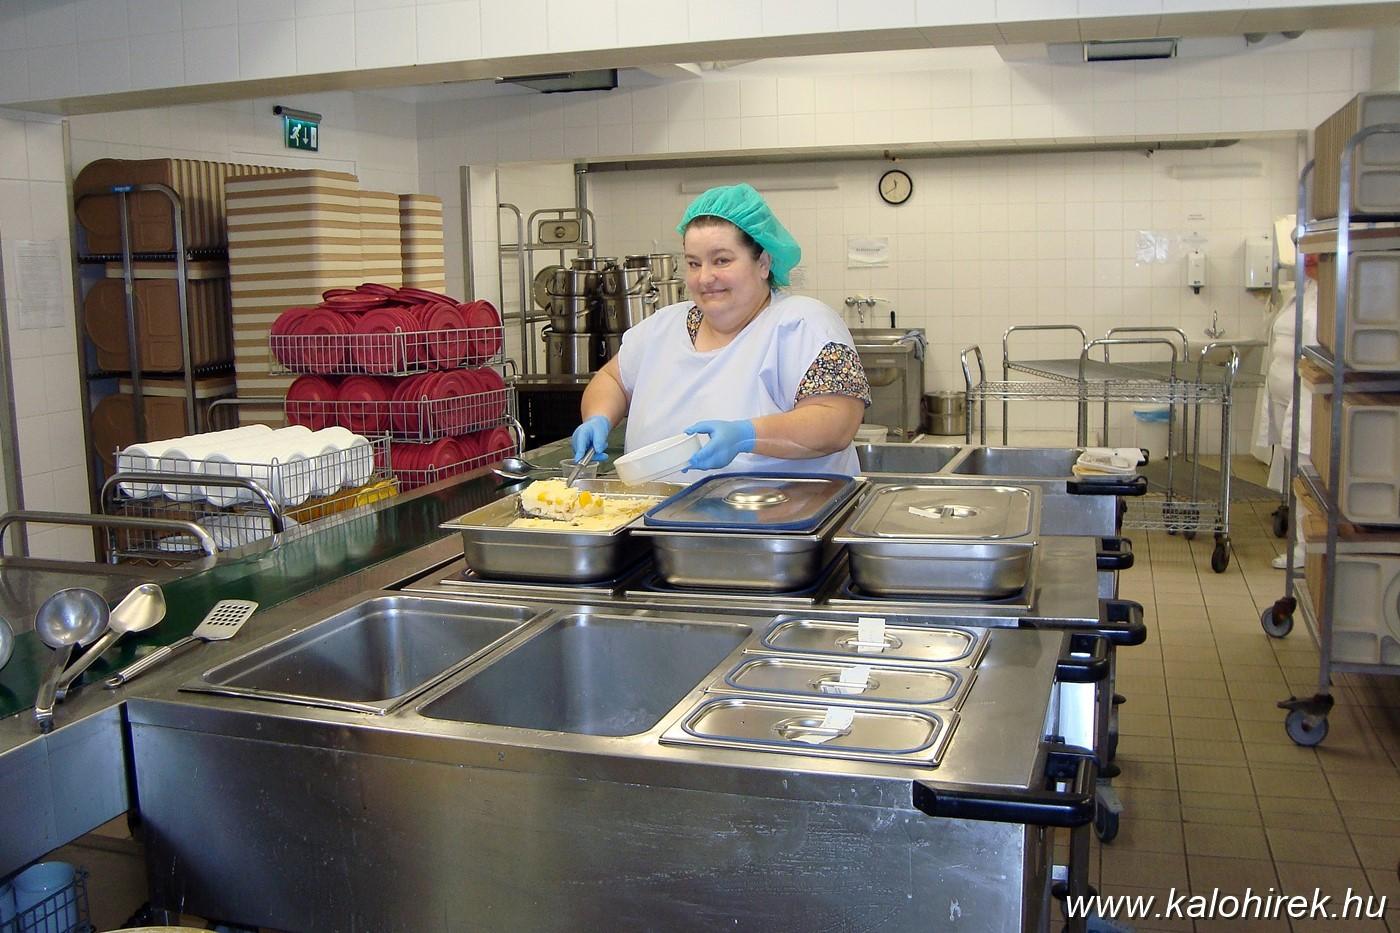 Jelentősen javult a kalocsai Szent Kereszt Kórház betegétkeztetése